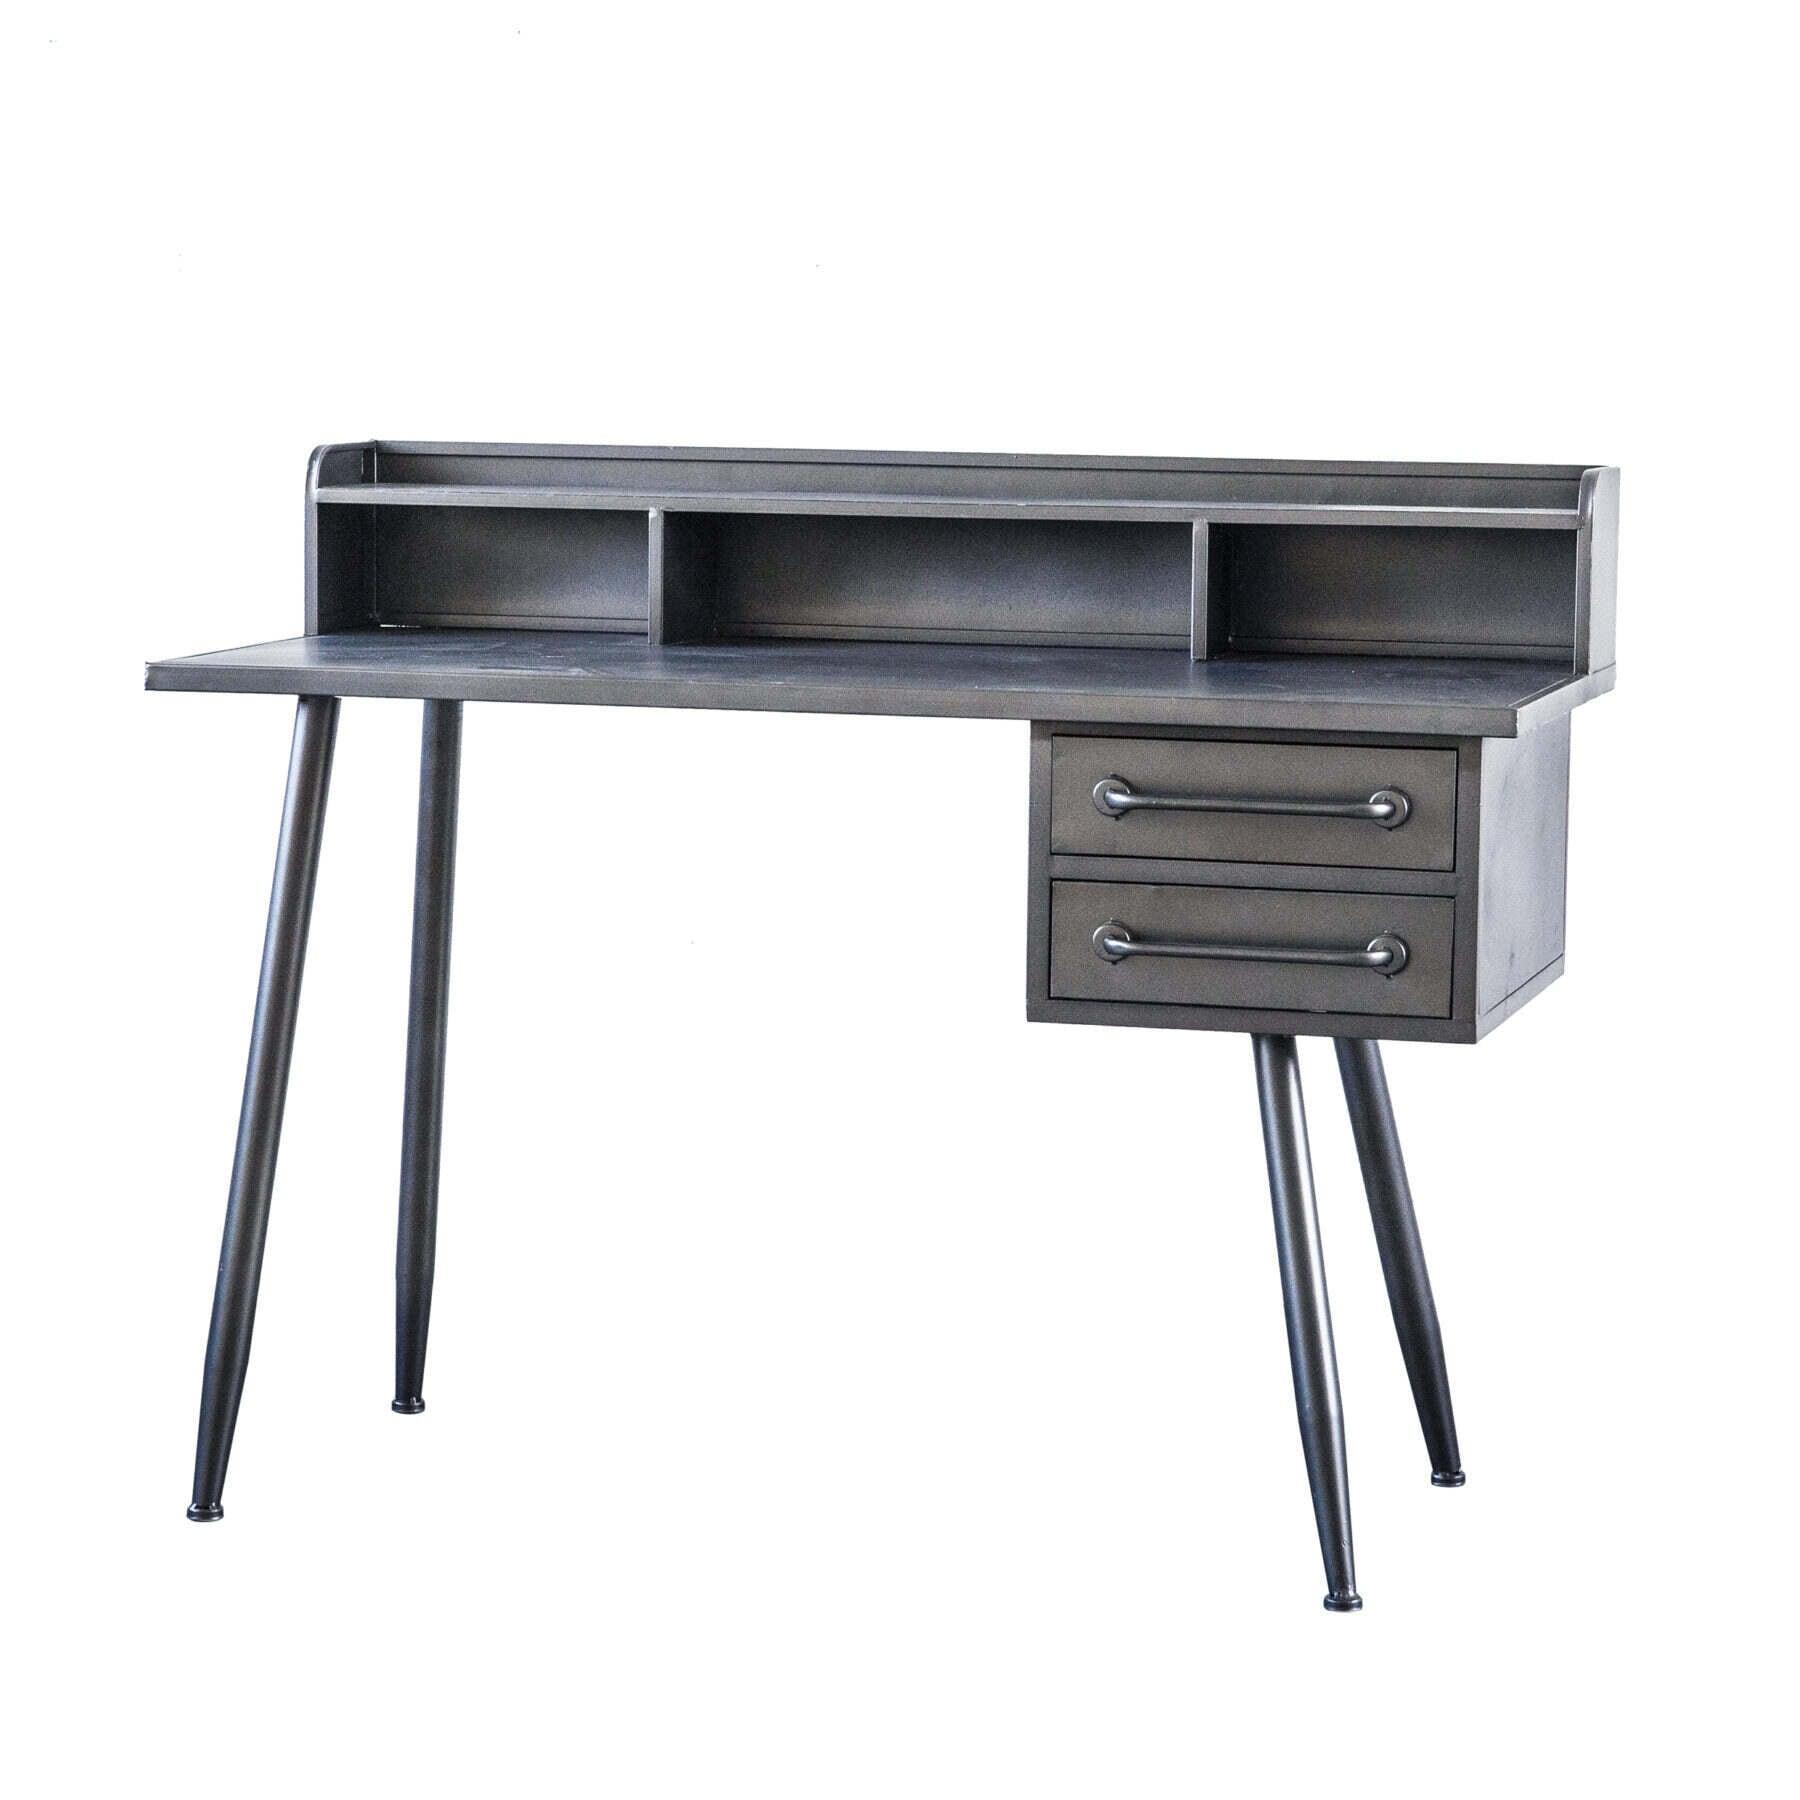 Snugg By-Boo Helpdesk musta työpöytä